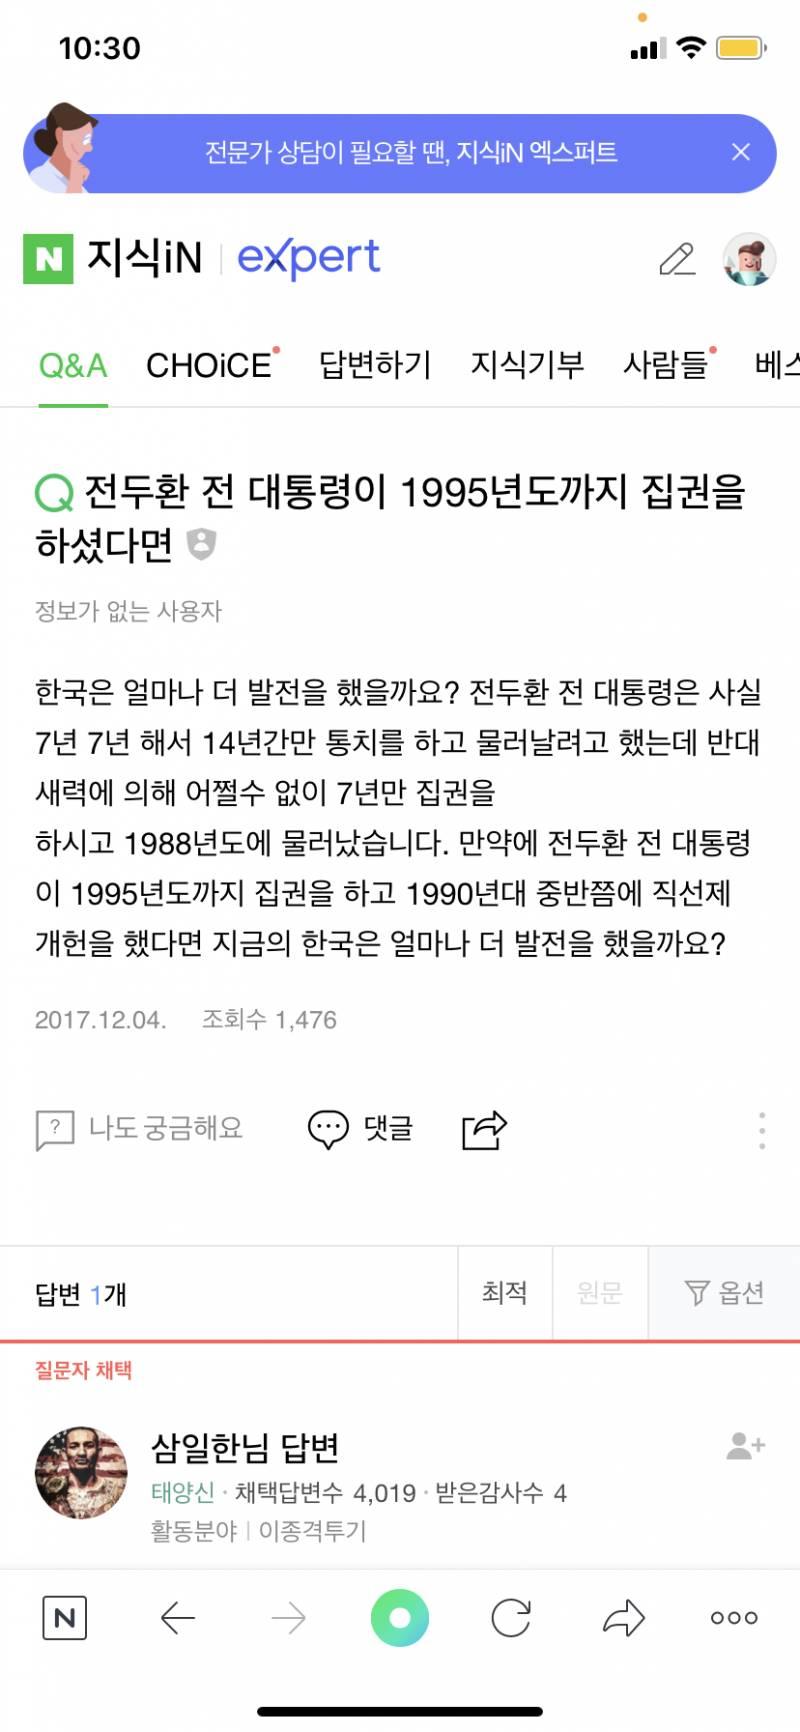 전두환이 95년까지 집권했으면 한국이 더 발전했을까? | 인스티즈